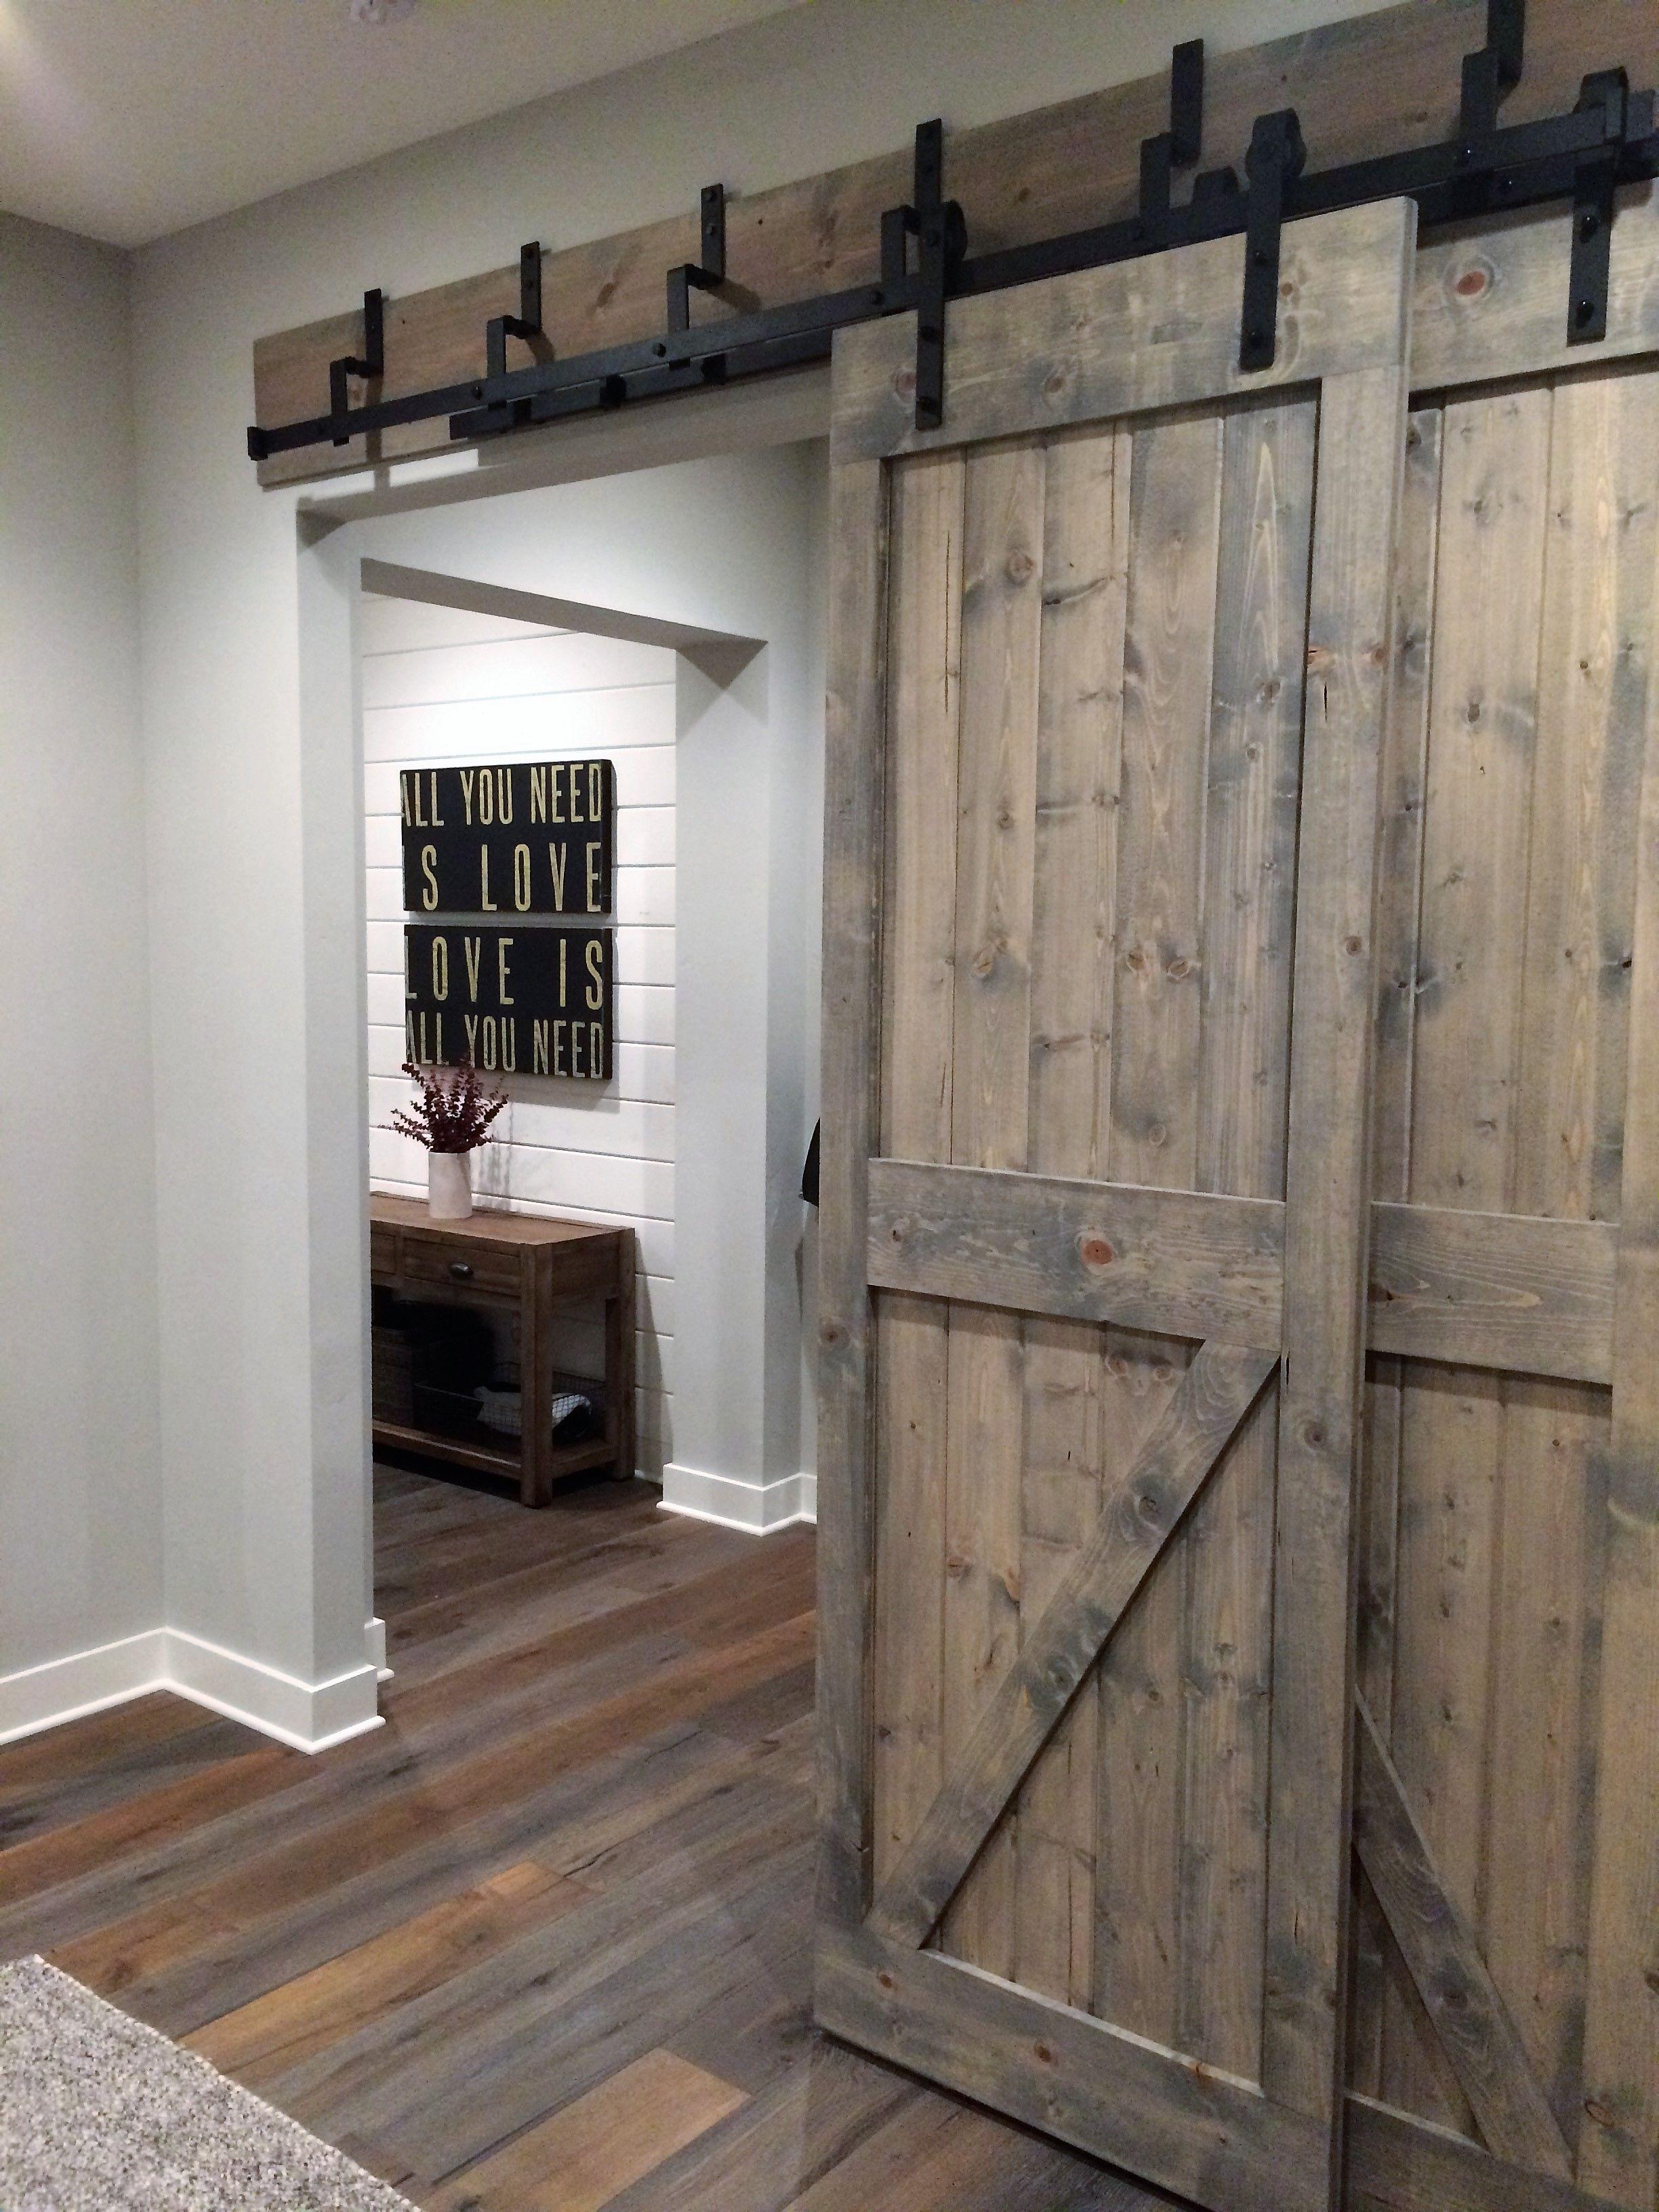 Idea By Barn Door Dudes On Barn Doors Making Barn Doors Rustic